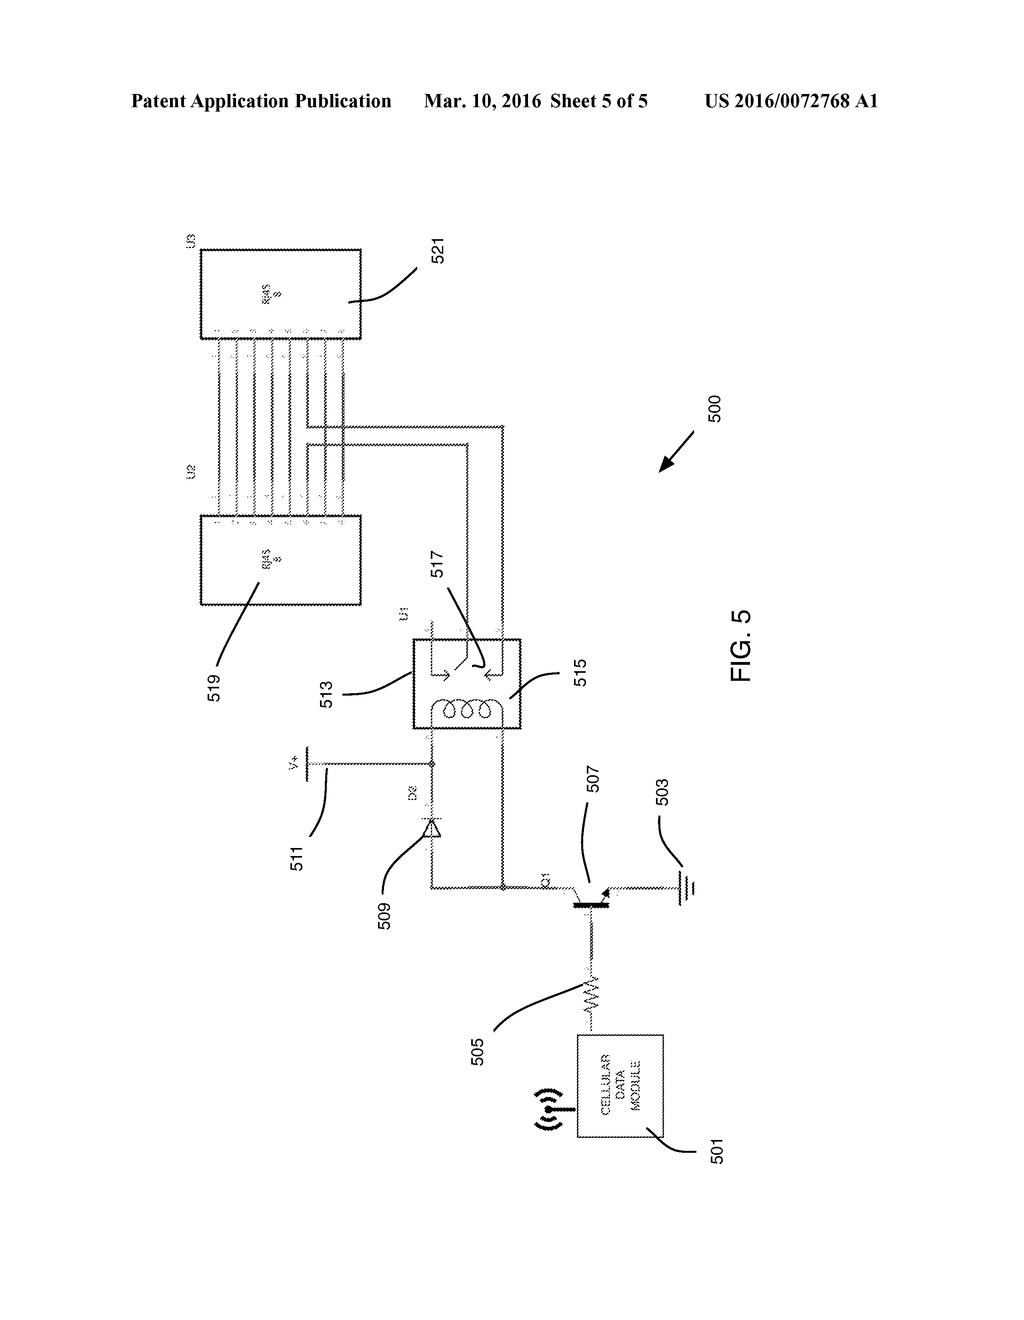 verizon fios moca diagram wiring diagram schematic